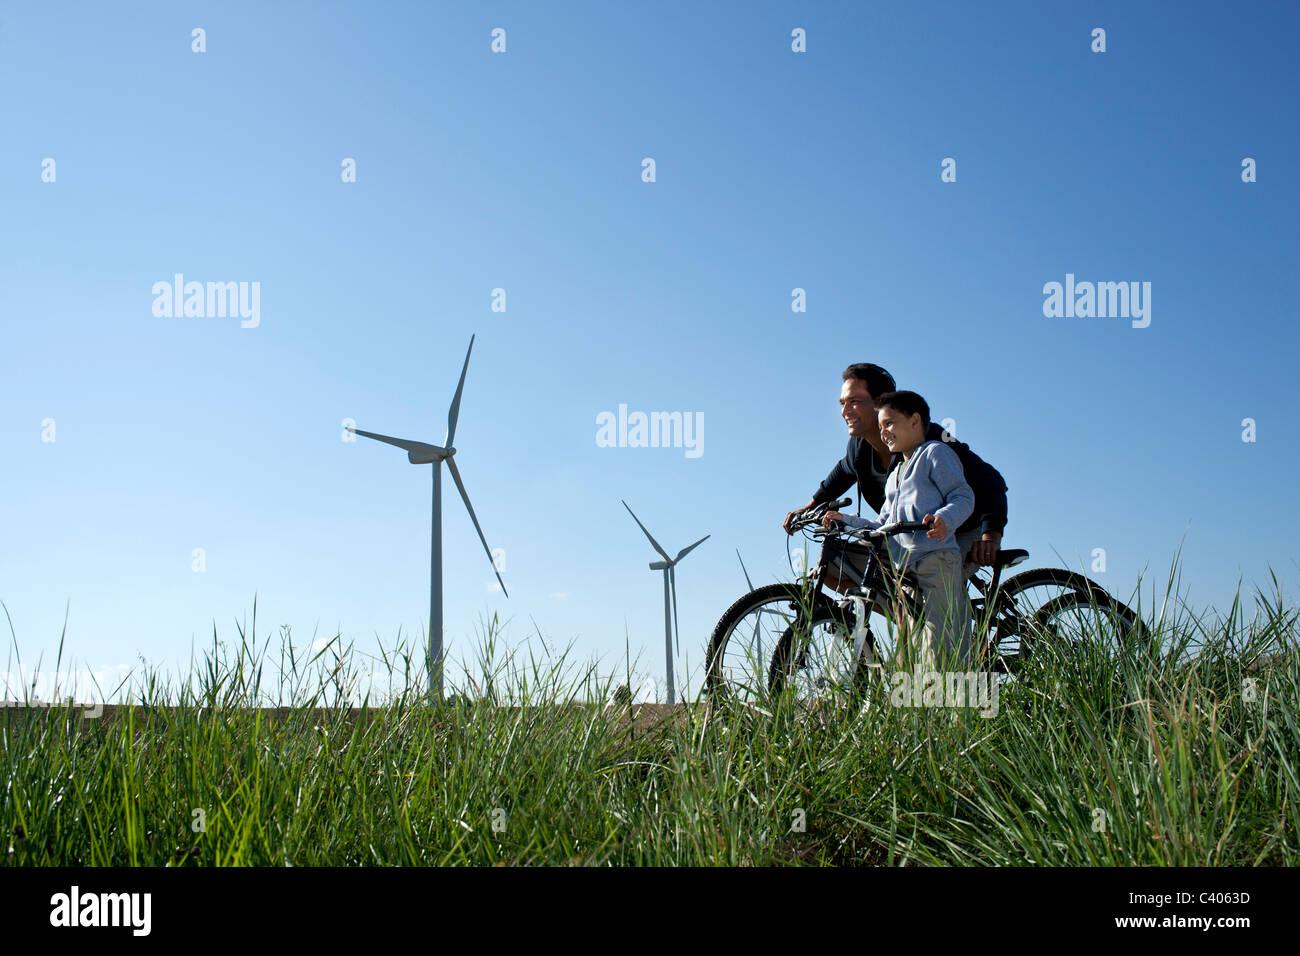 Padre e hijo con bicicletas por un parque eólico Foto de stock